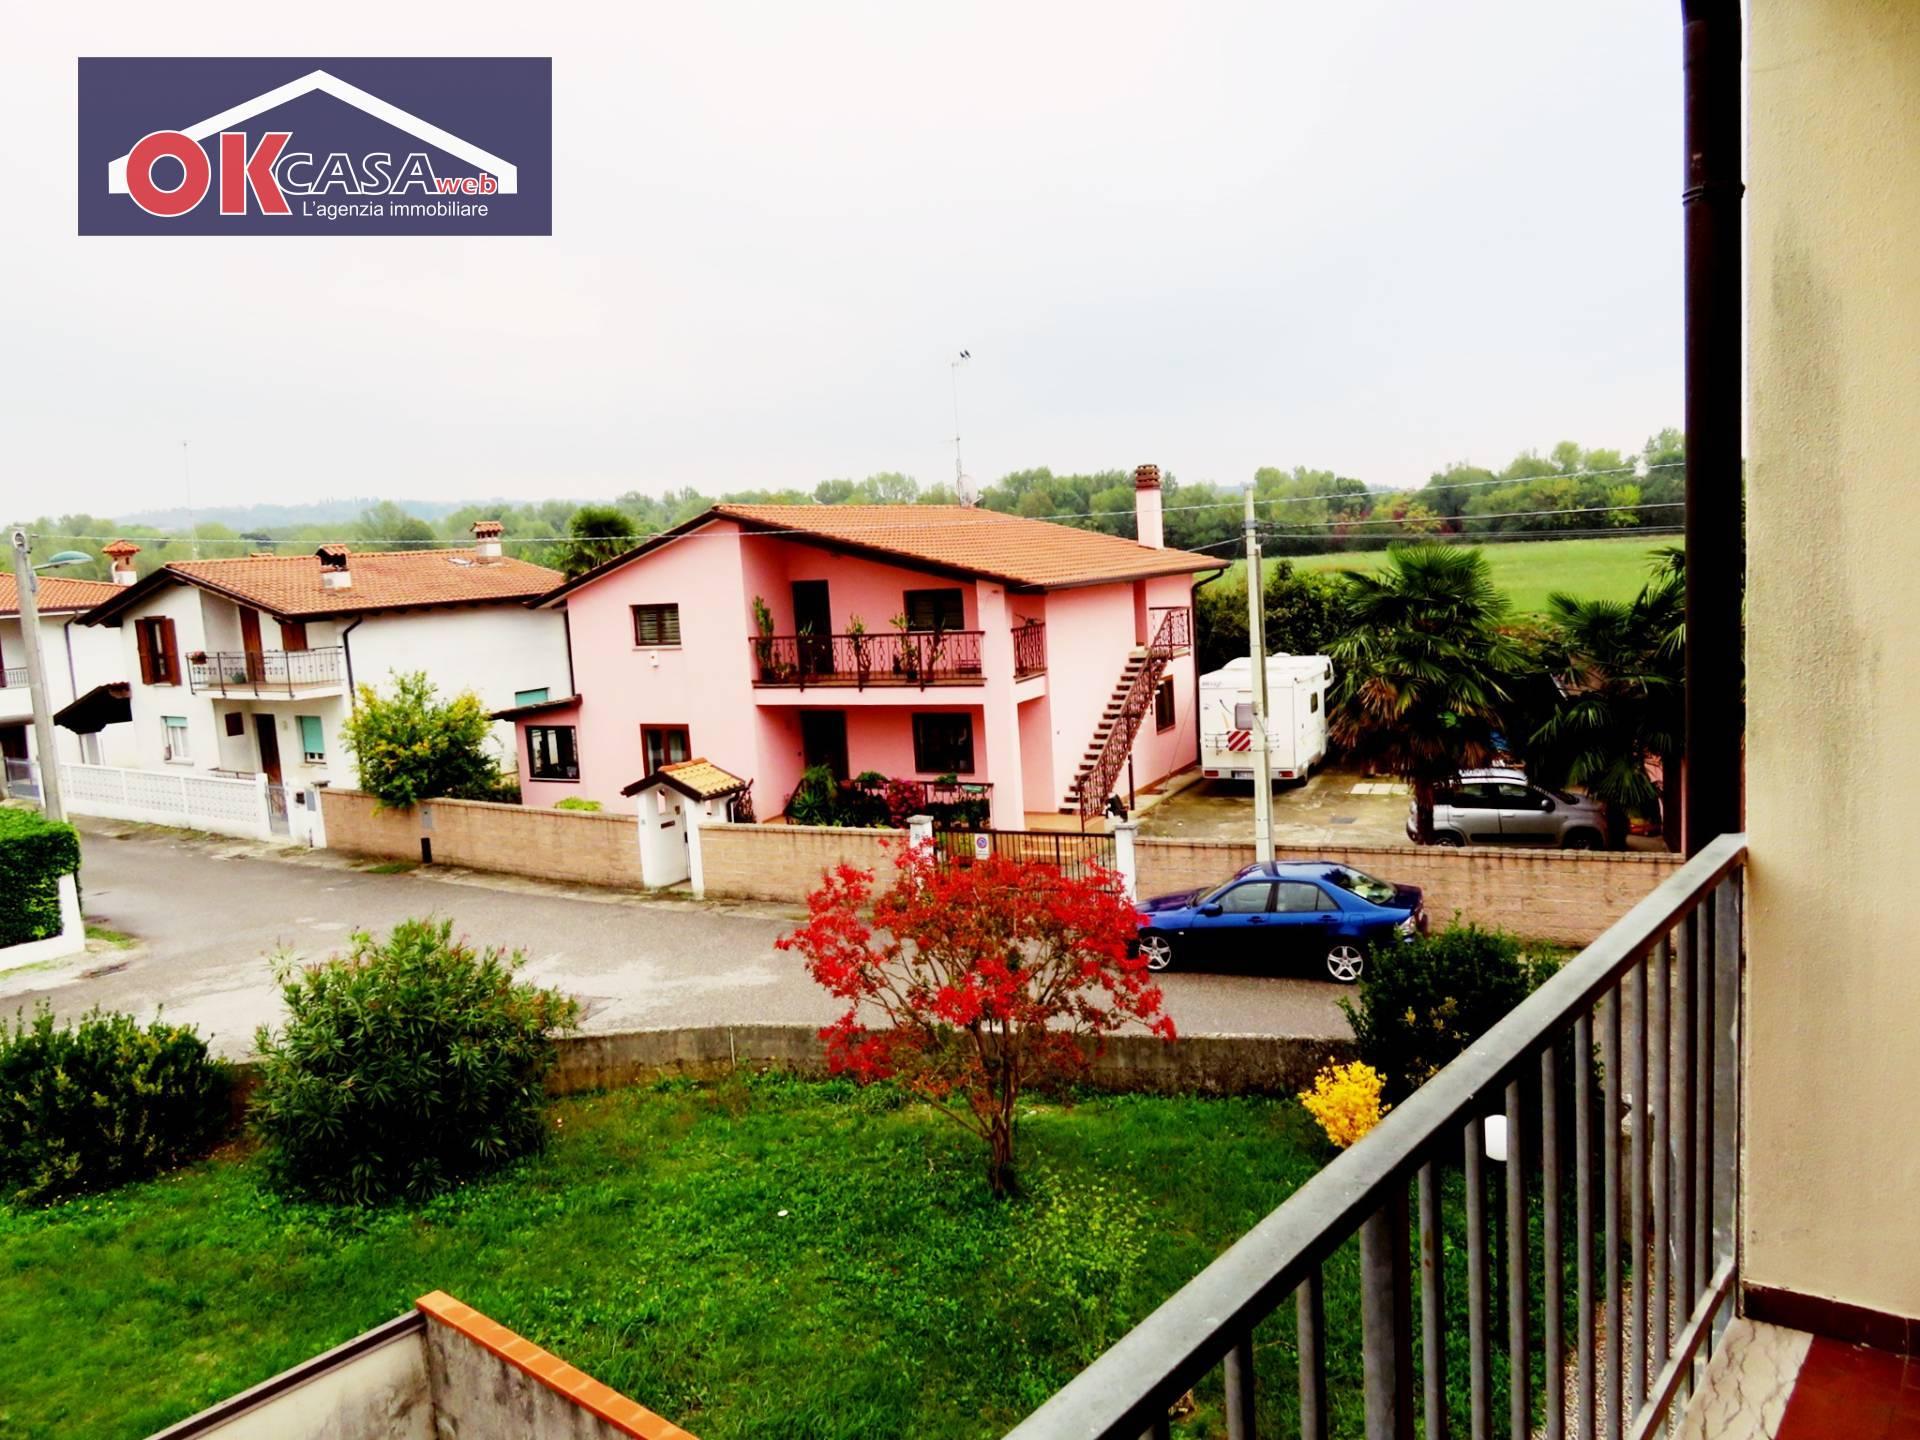 Appartamento in vendita a Gradisca d'Isonzo, 6 locali, prezzo € 105.000 | CambioCasa.it